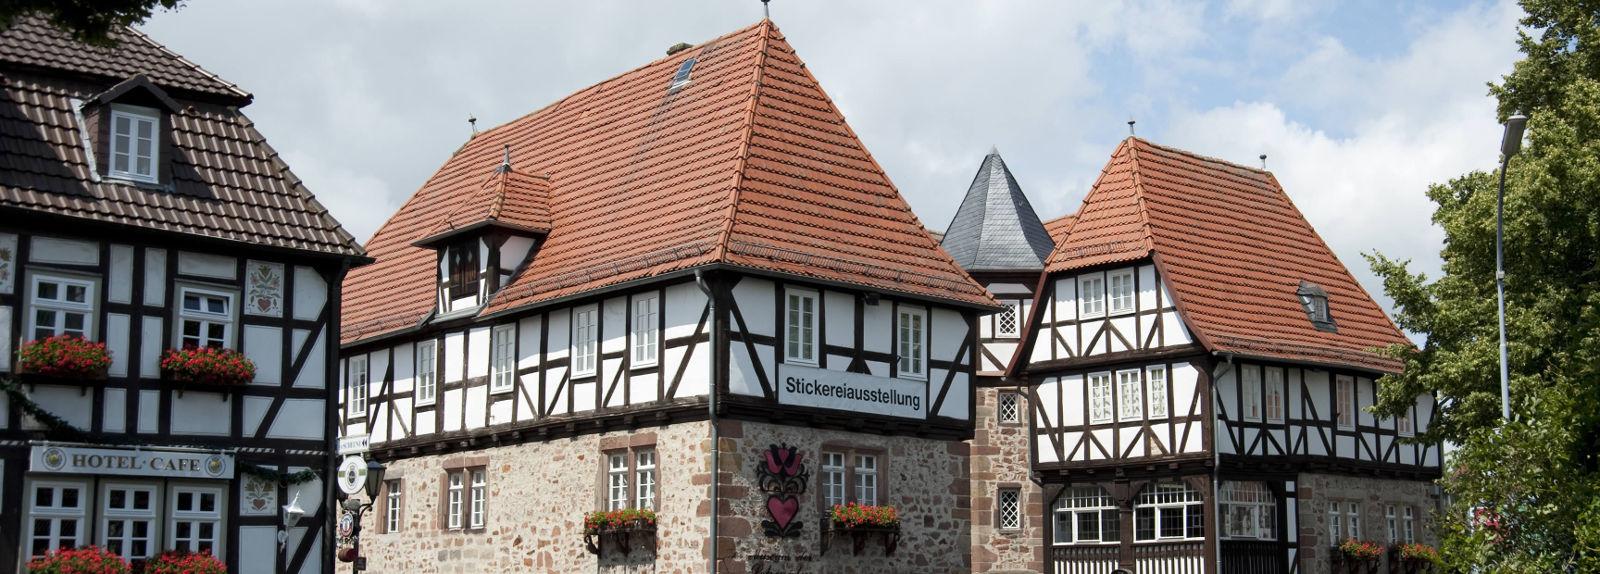 Zulassungsstelle Schwalmstadt